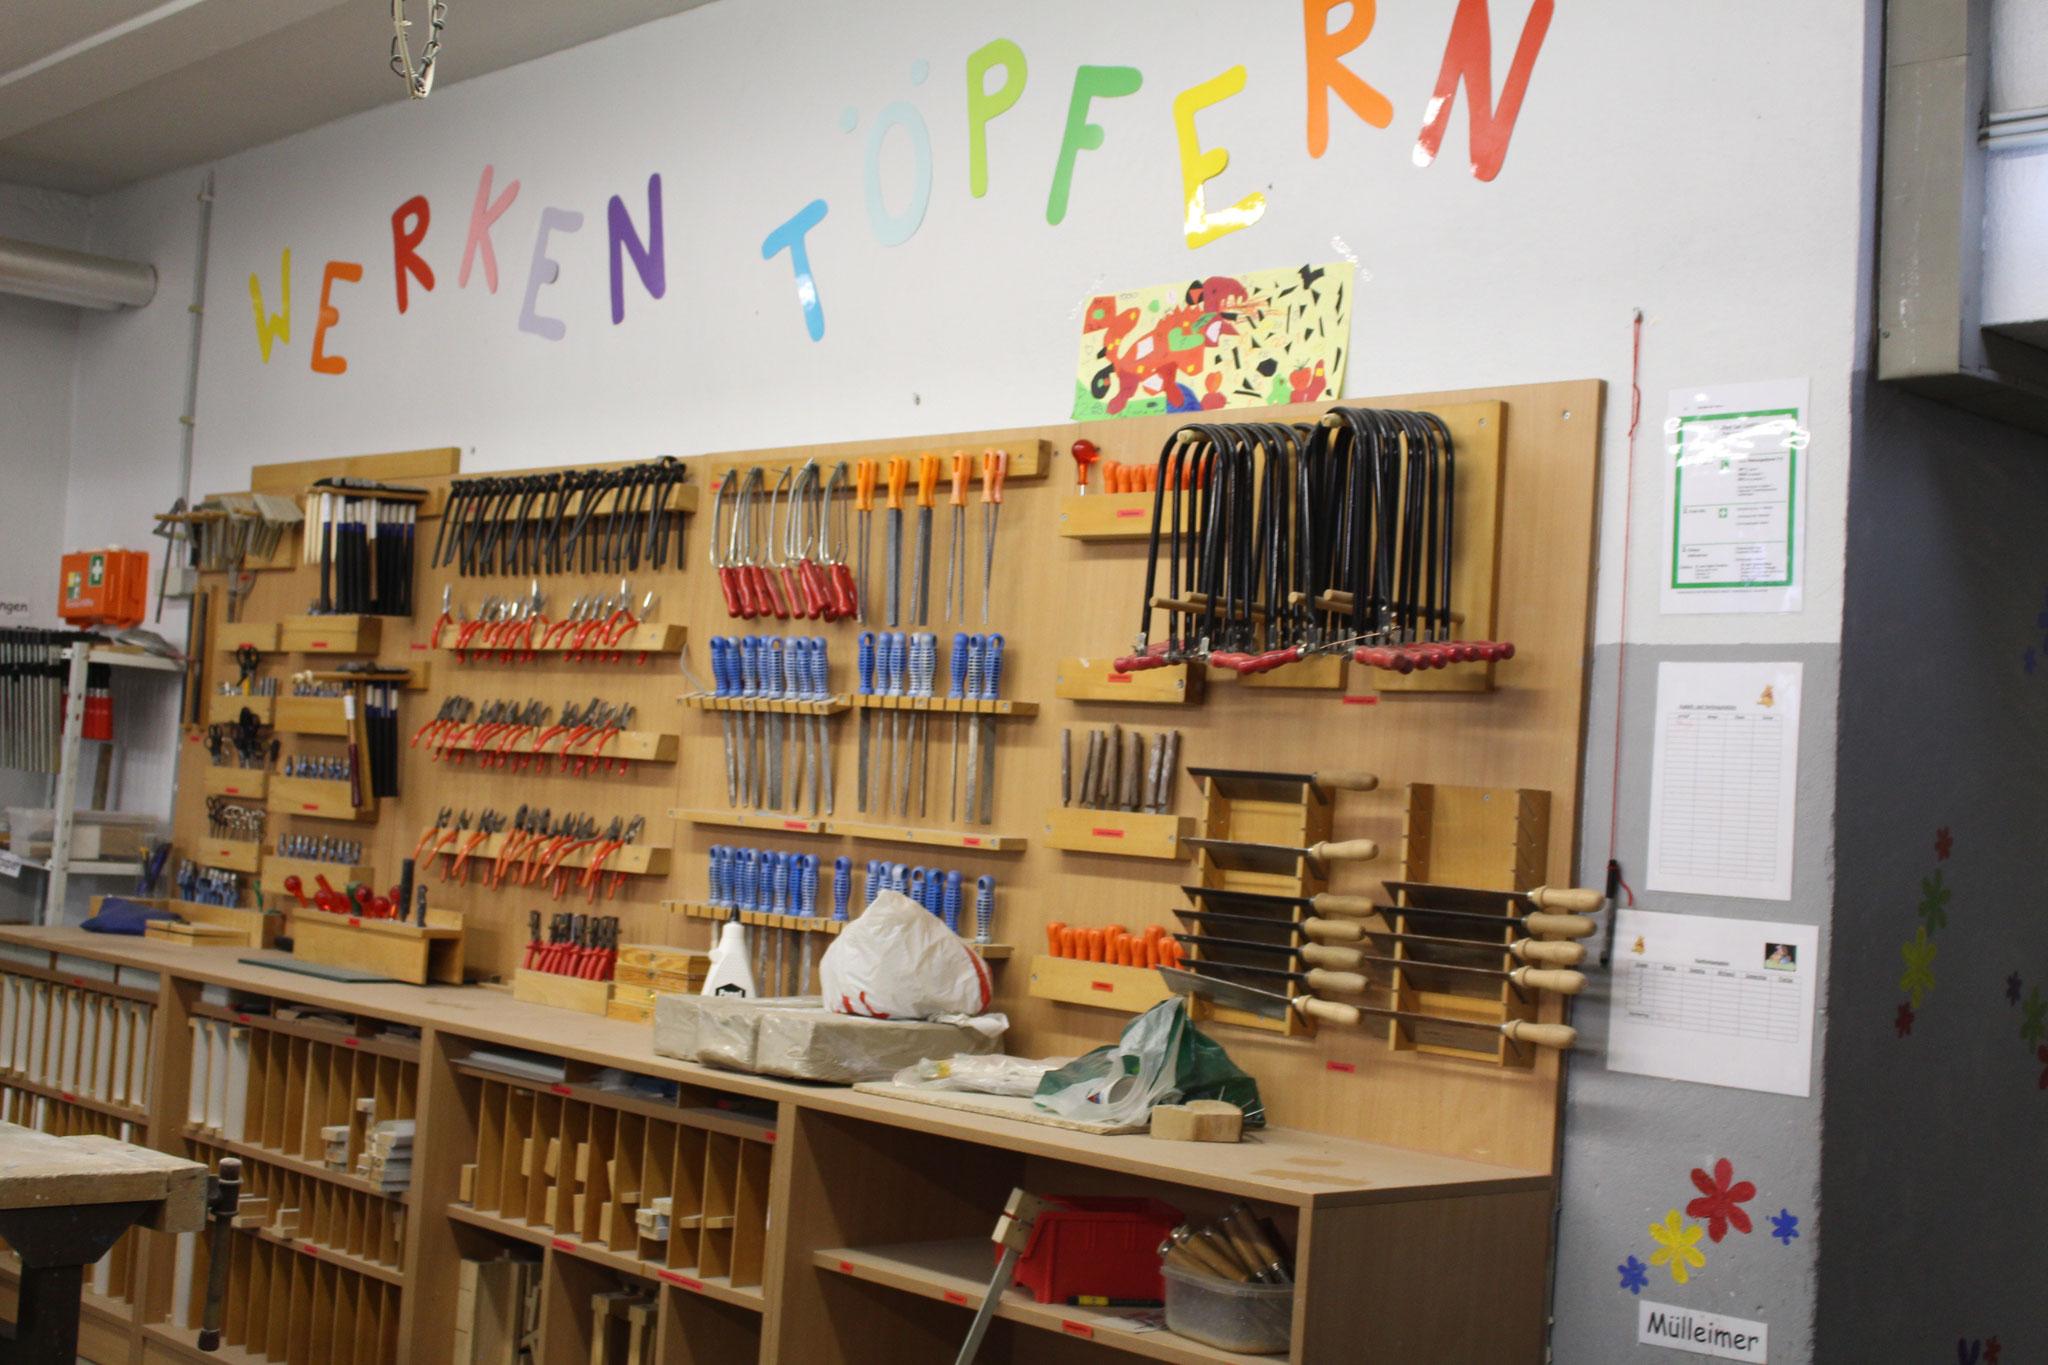 Hier ist die Werkstatt der Wilhelm-Schule. Fotografen:LUKAS,LEANDROS